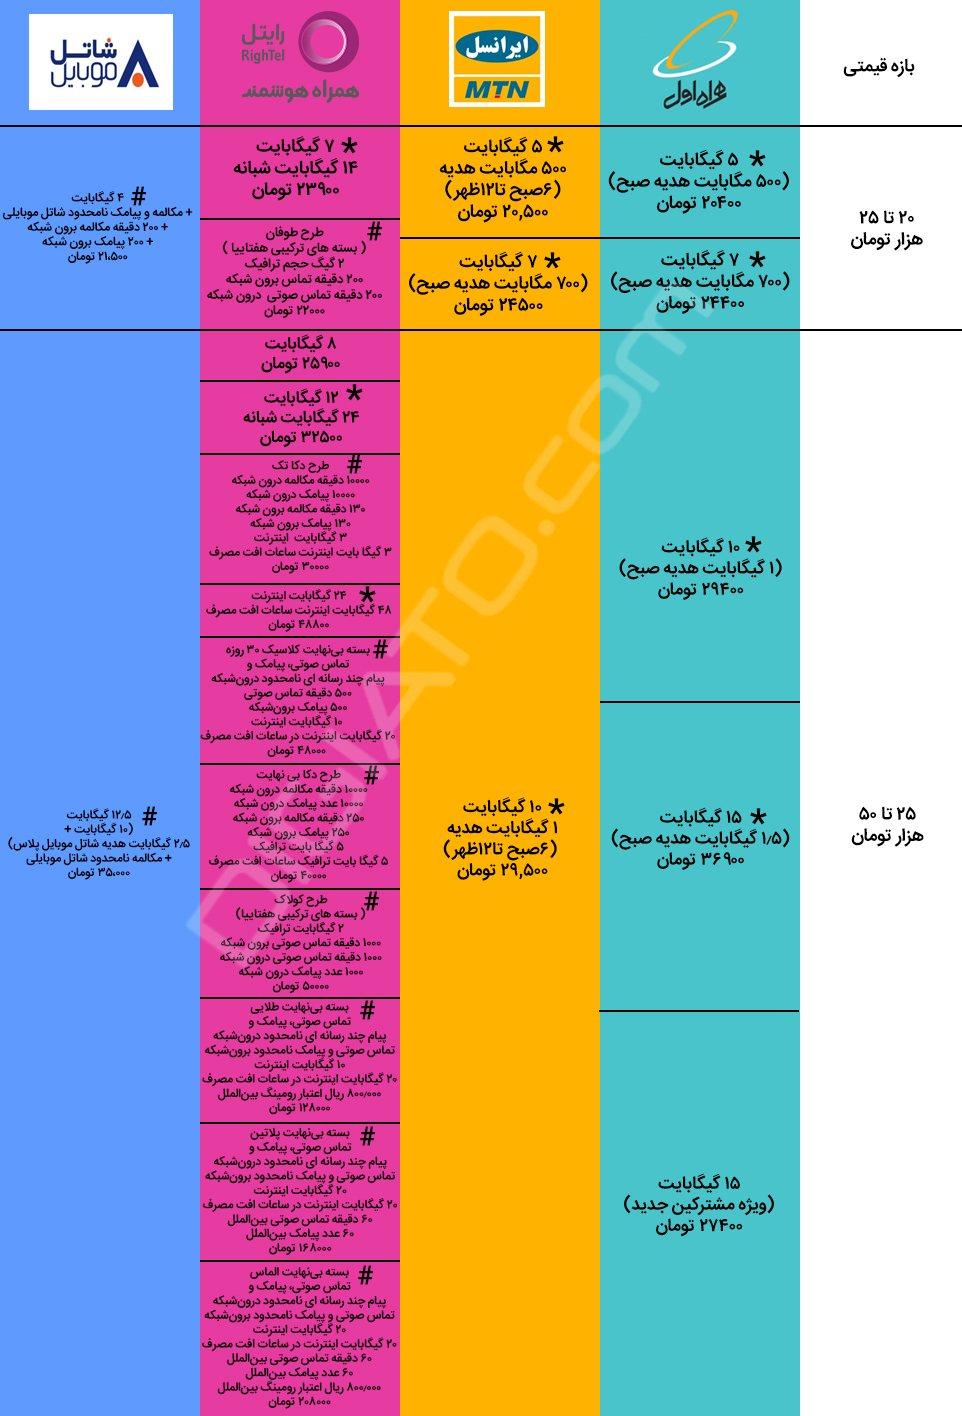 مقایسه اپراتورهای تلفن همراه